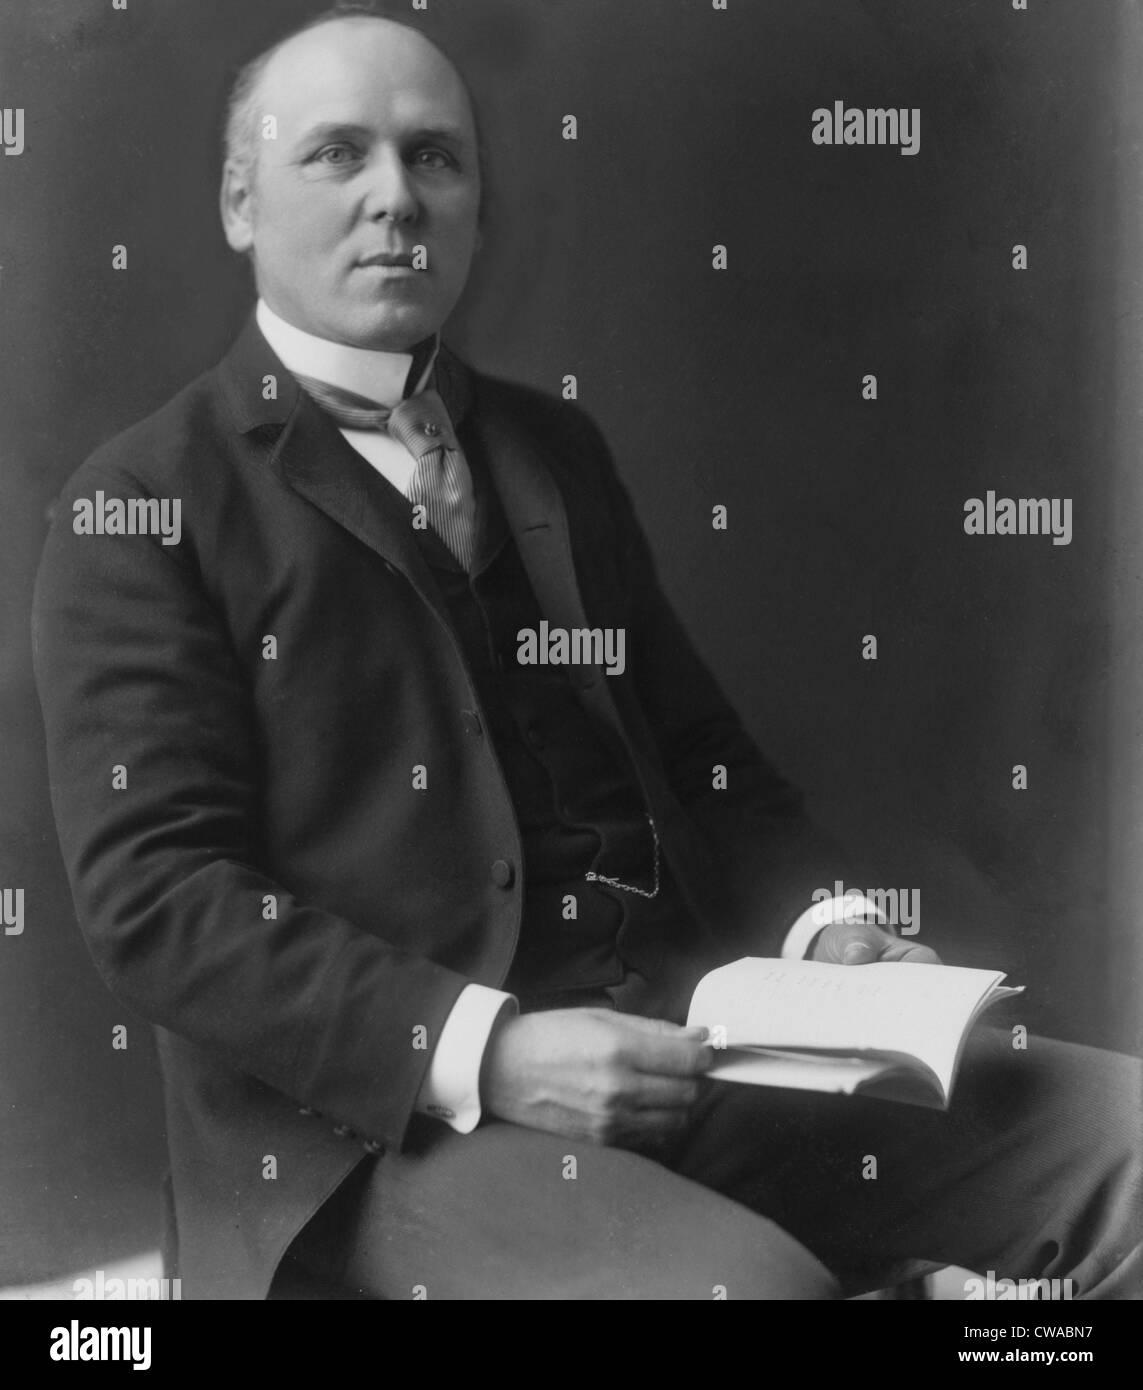 Howard Pyle (1853-1911), US-amerikanischer Schriftsteller, Maler und Illustrator, schrieb und illustrierte Kinderbücher Stockbild